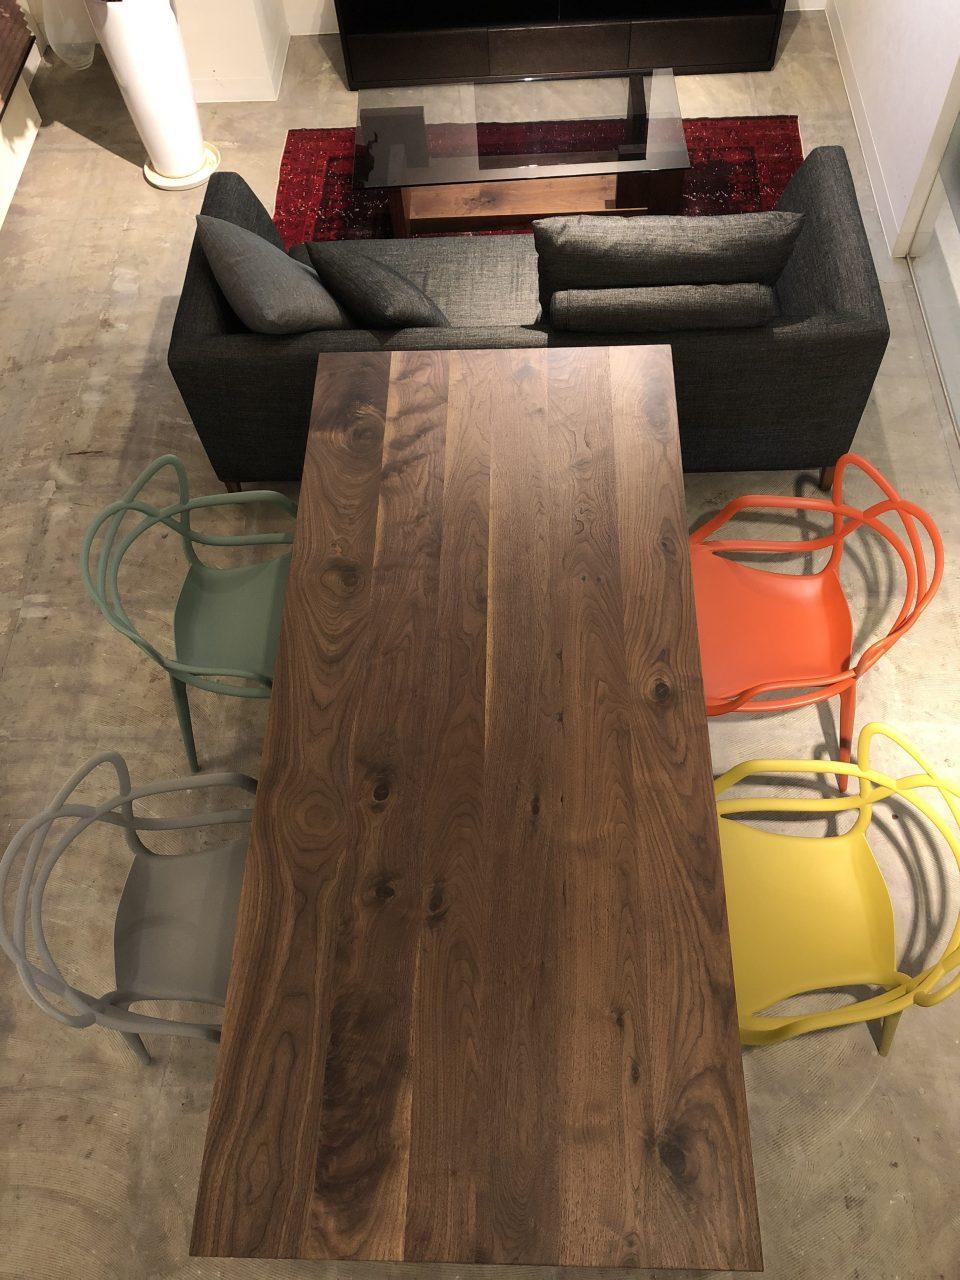 1本脚のウォールナット無垢板のダイニングテーブルはモダンテイストにぴったりです